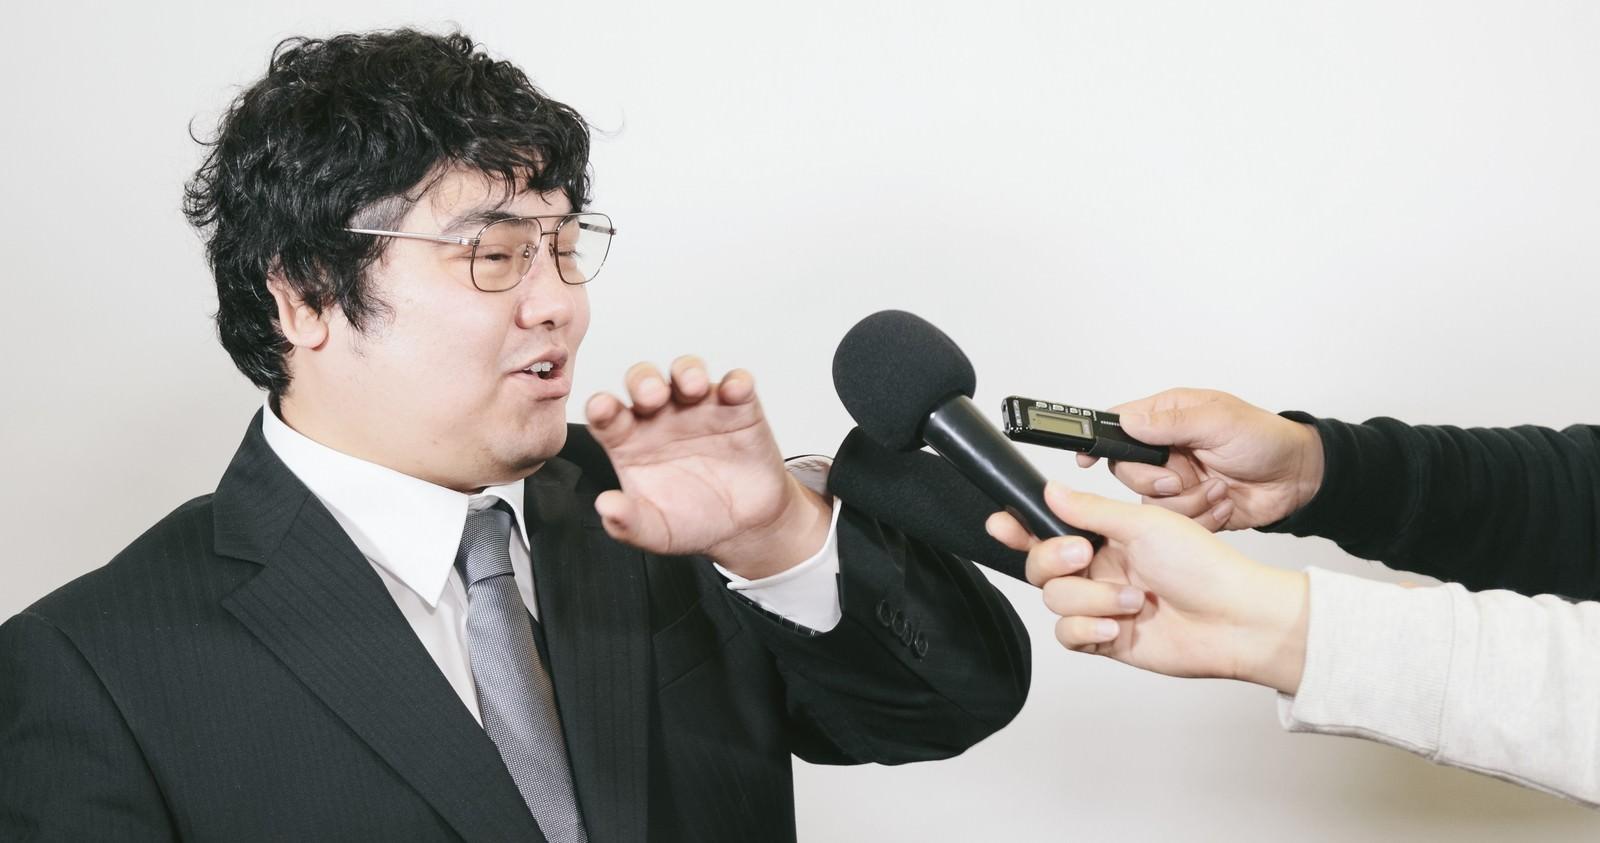 「マイクを突きつけられる会社役員」の写真[モデル:段田隼人]